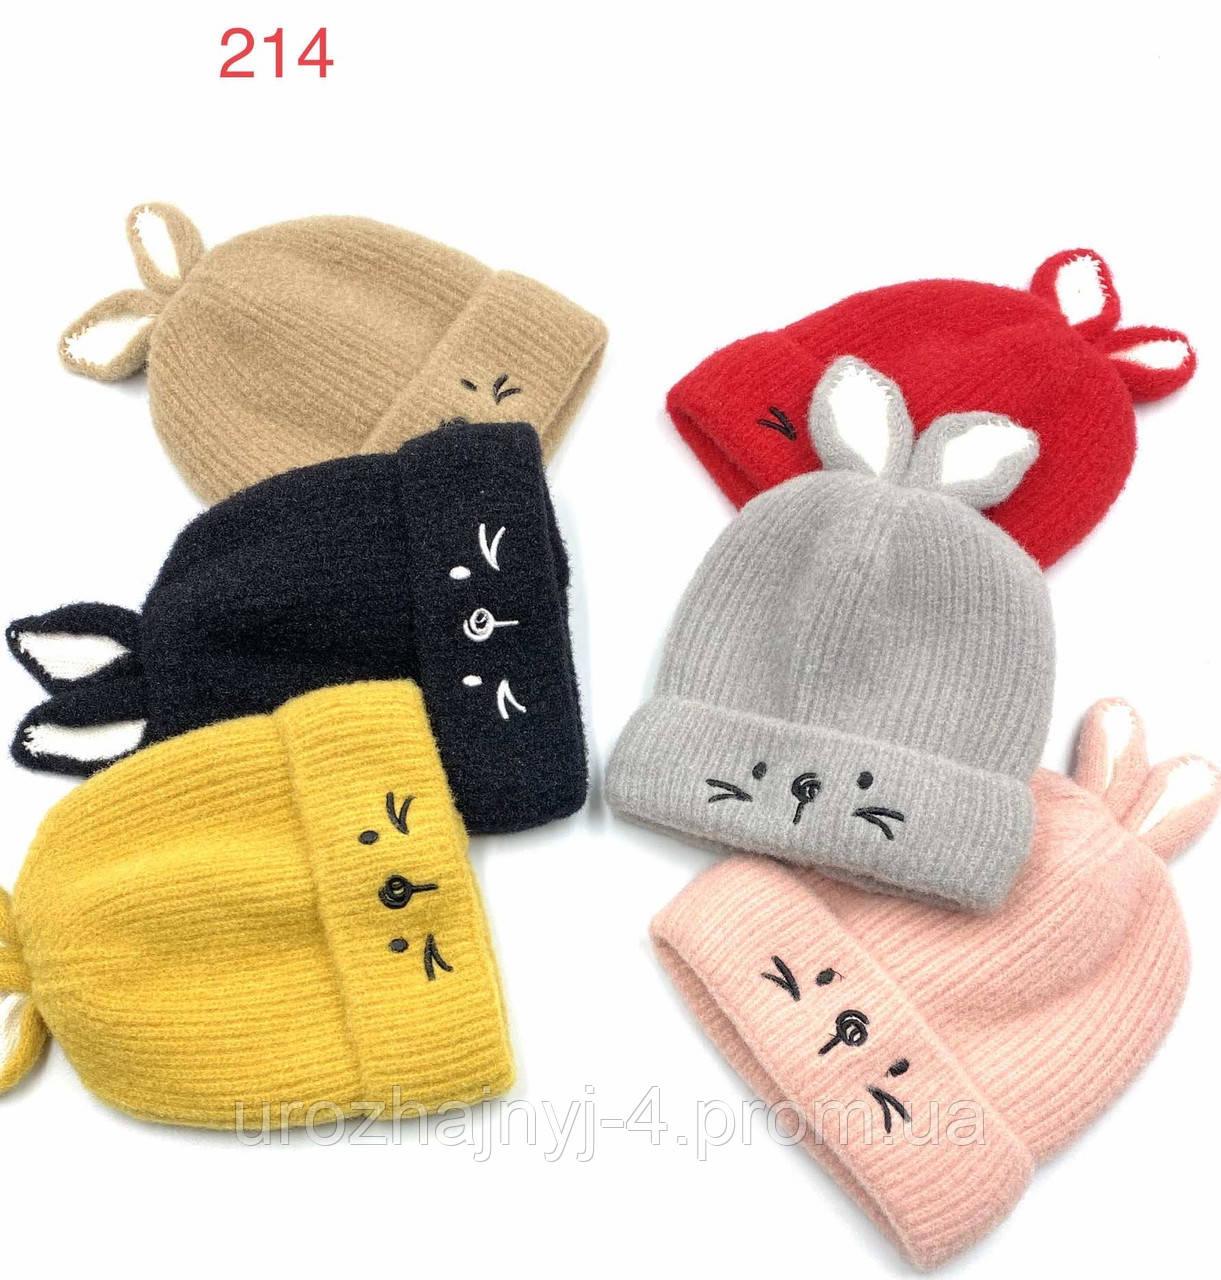 Вязанная шапочка для малышей, 44/46р (3/6 месяцев) Обхват 35 см, высота 17 см